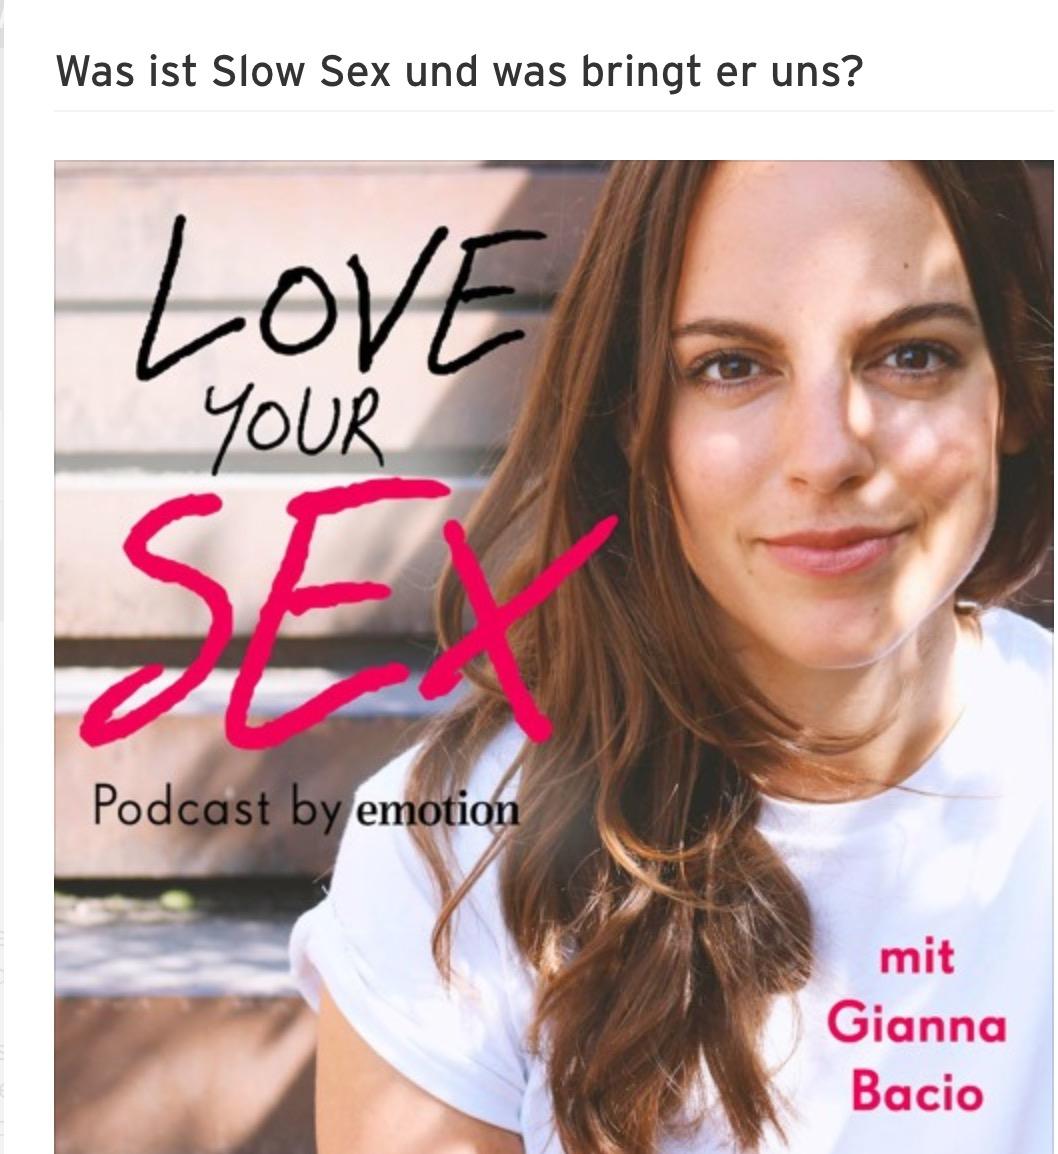 2018-12-21: Gianna Bacio: Was ist Slow Sex und was bringt er uns?